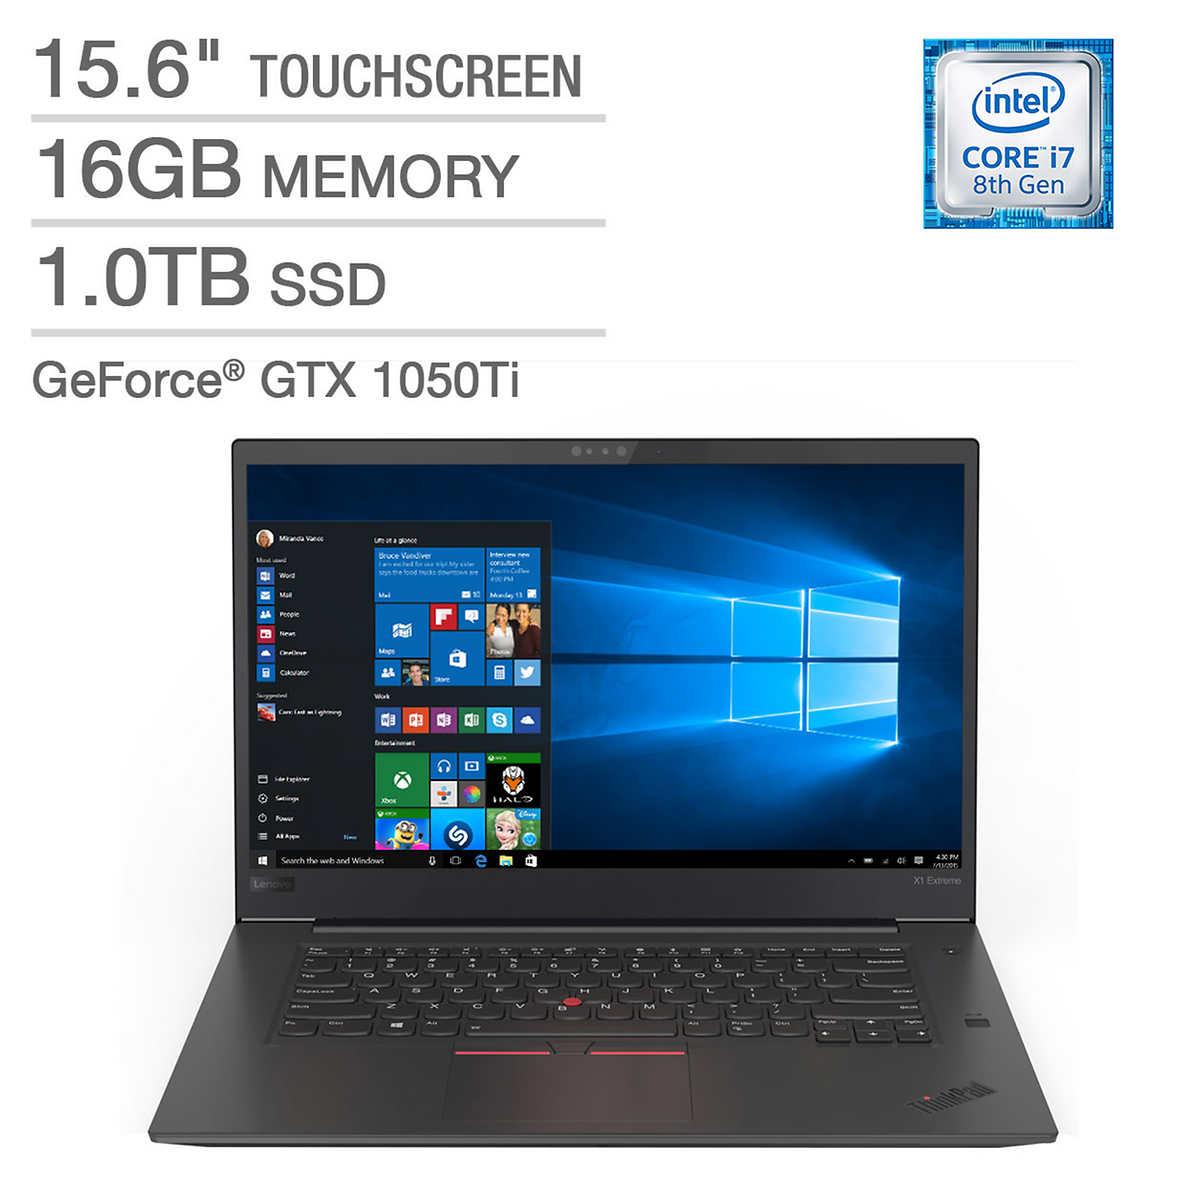 Lenovo ThinkPad X1 Extreme Touchscreen Laptop - Intel Core i7 - GeForce GTX  1050Ti